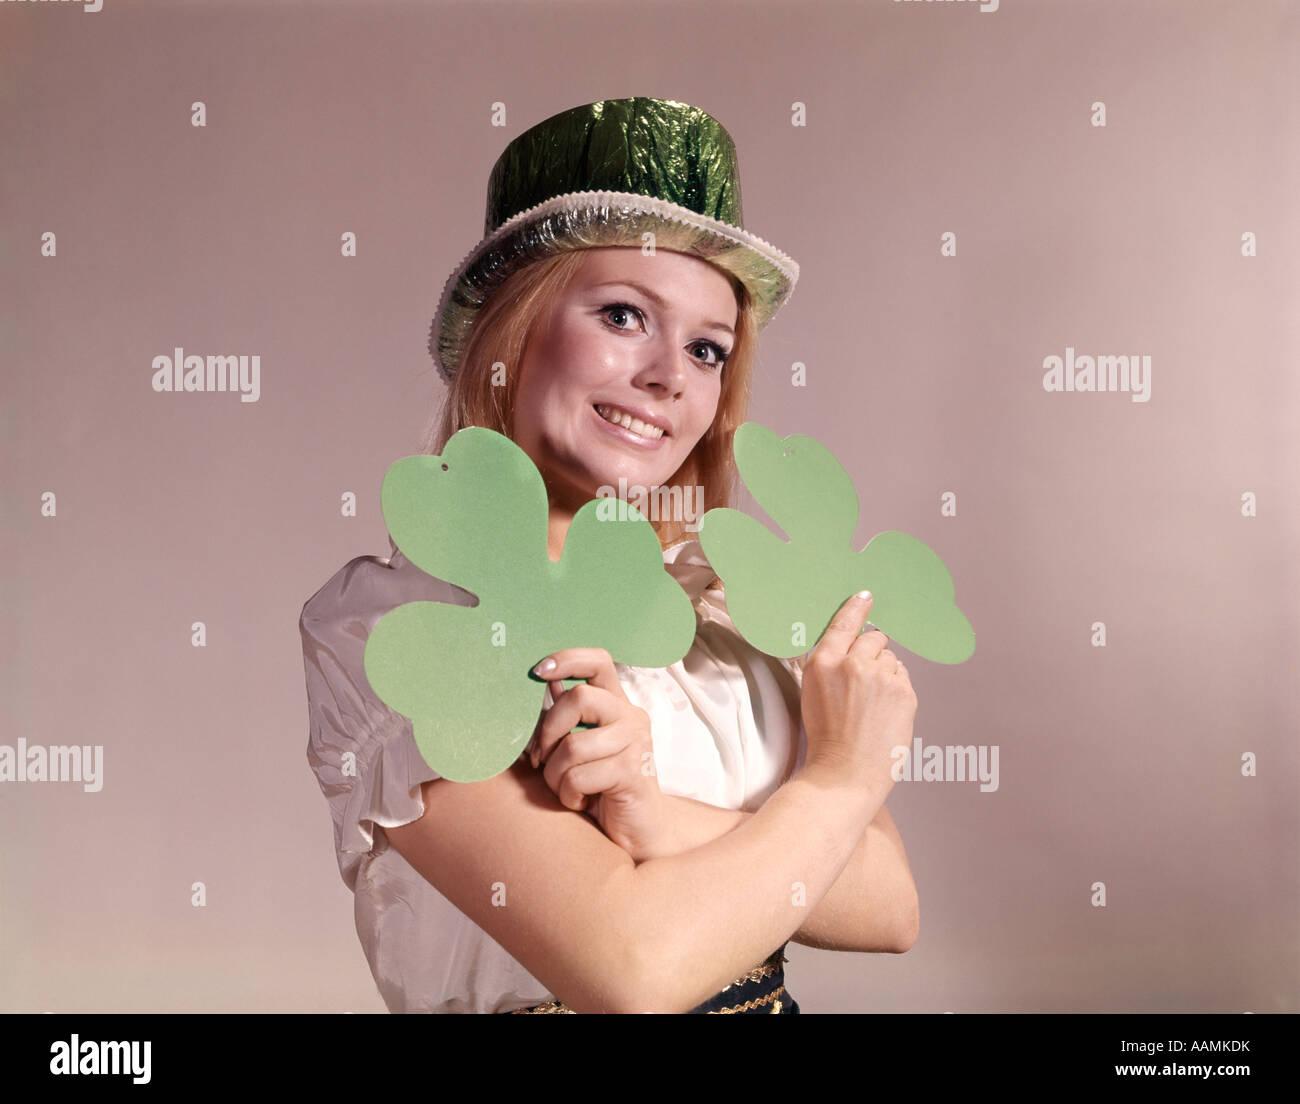 1960 1970 RETRO mujer irlandesa sonriente sosteniendo GREEN SHAMROCKS y llevar gorro de FIESTA VERDE Imagen De Stock